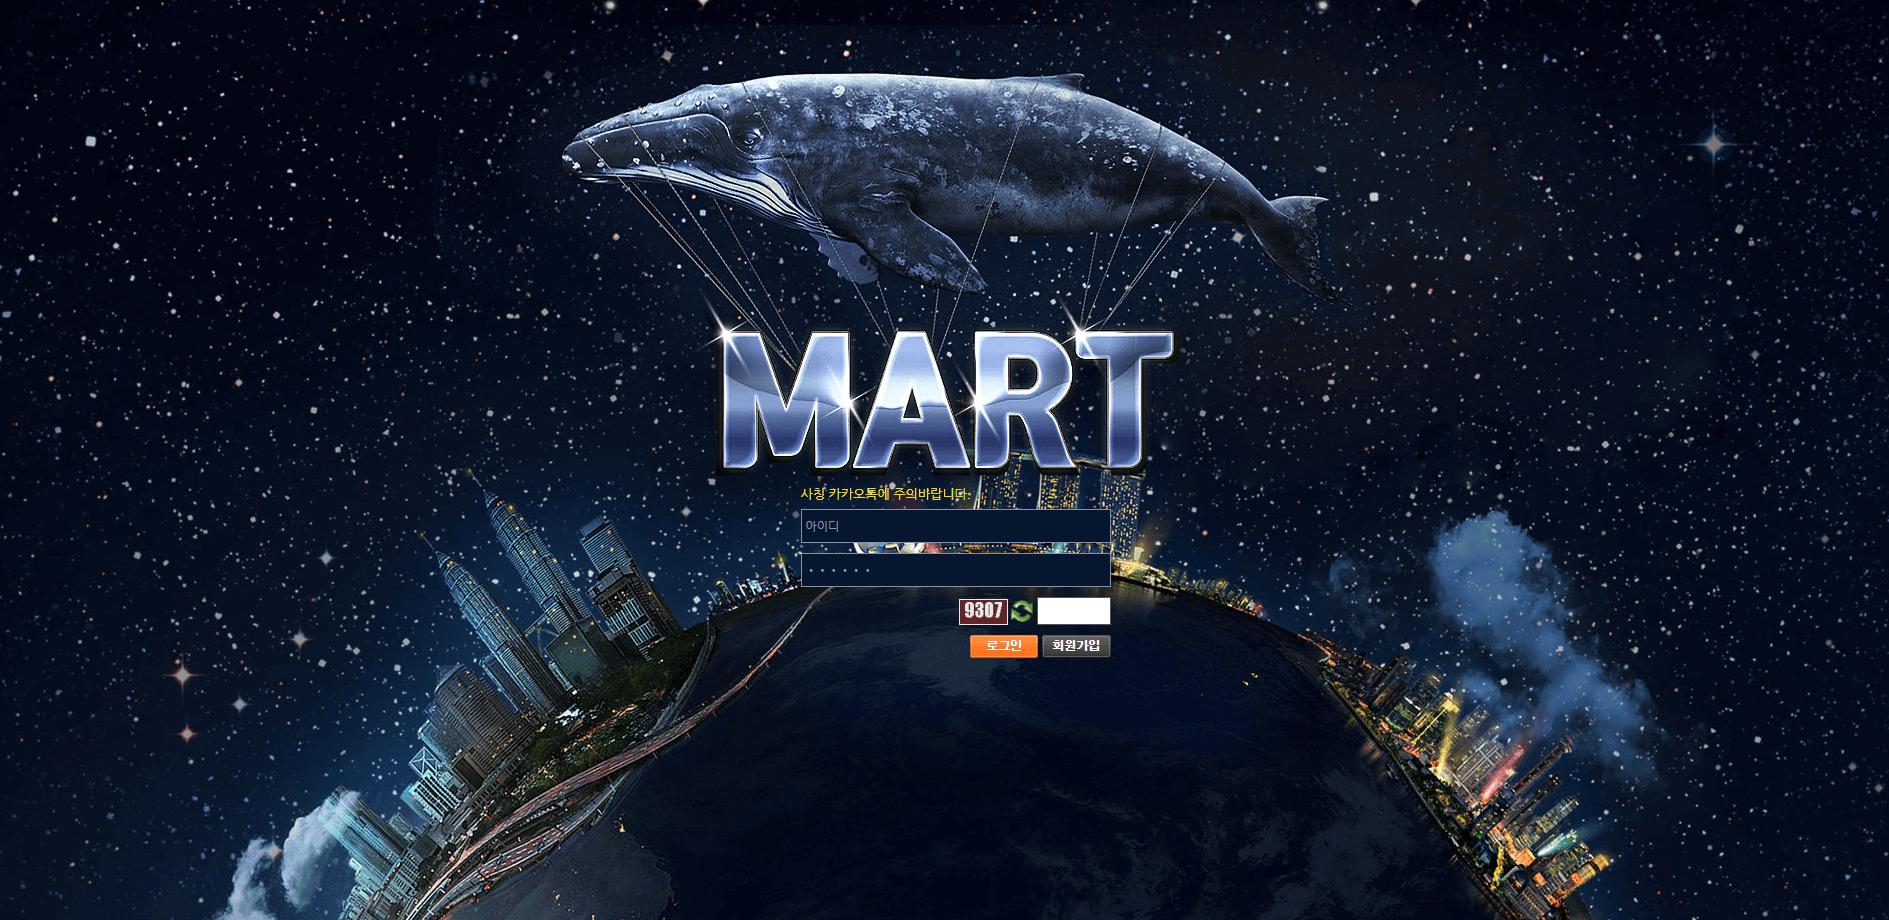 [먹튀검증]MART(마트) mart-111.com 먹튀사이트 확정 토토사이트 먹튀검증업체 토토안내소